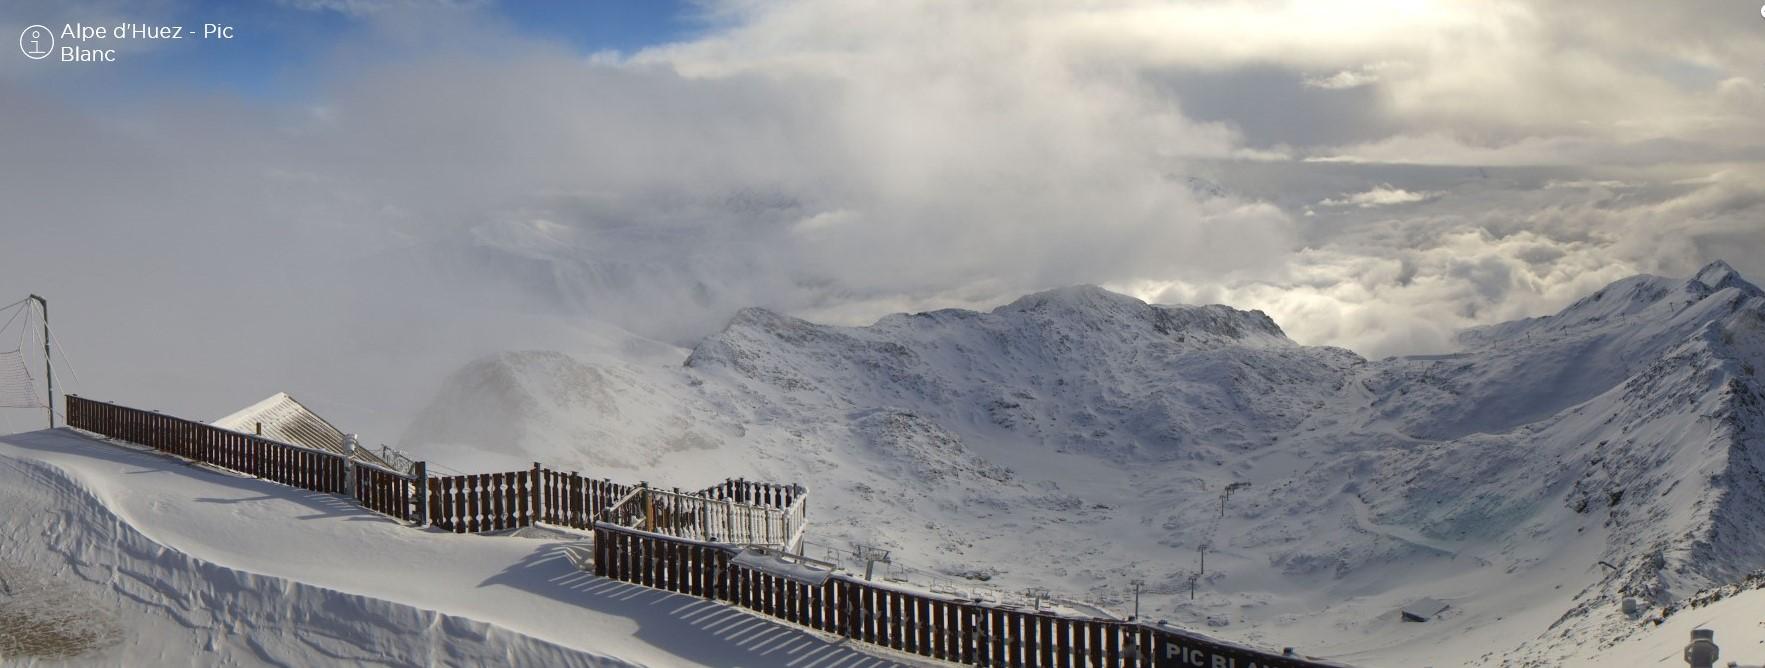 Nowcasting nivo glaciale Alpi inverno 2017-2018-alpe-dhuez-01.12.17.jpg